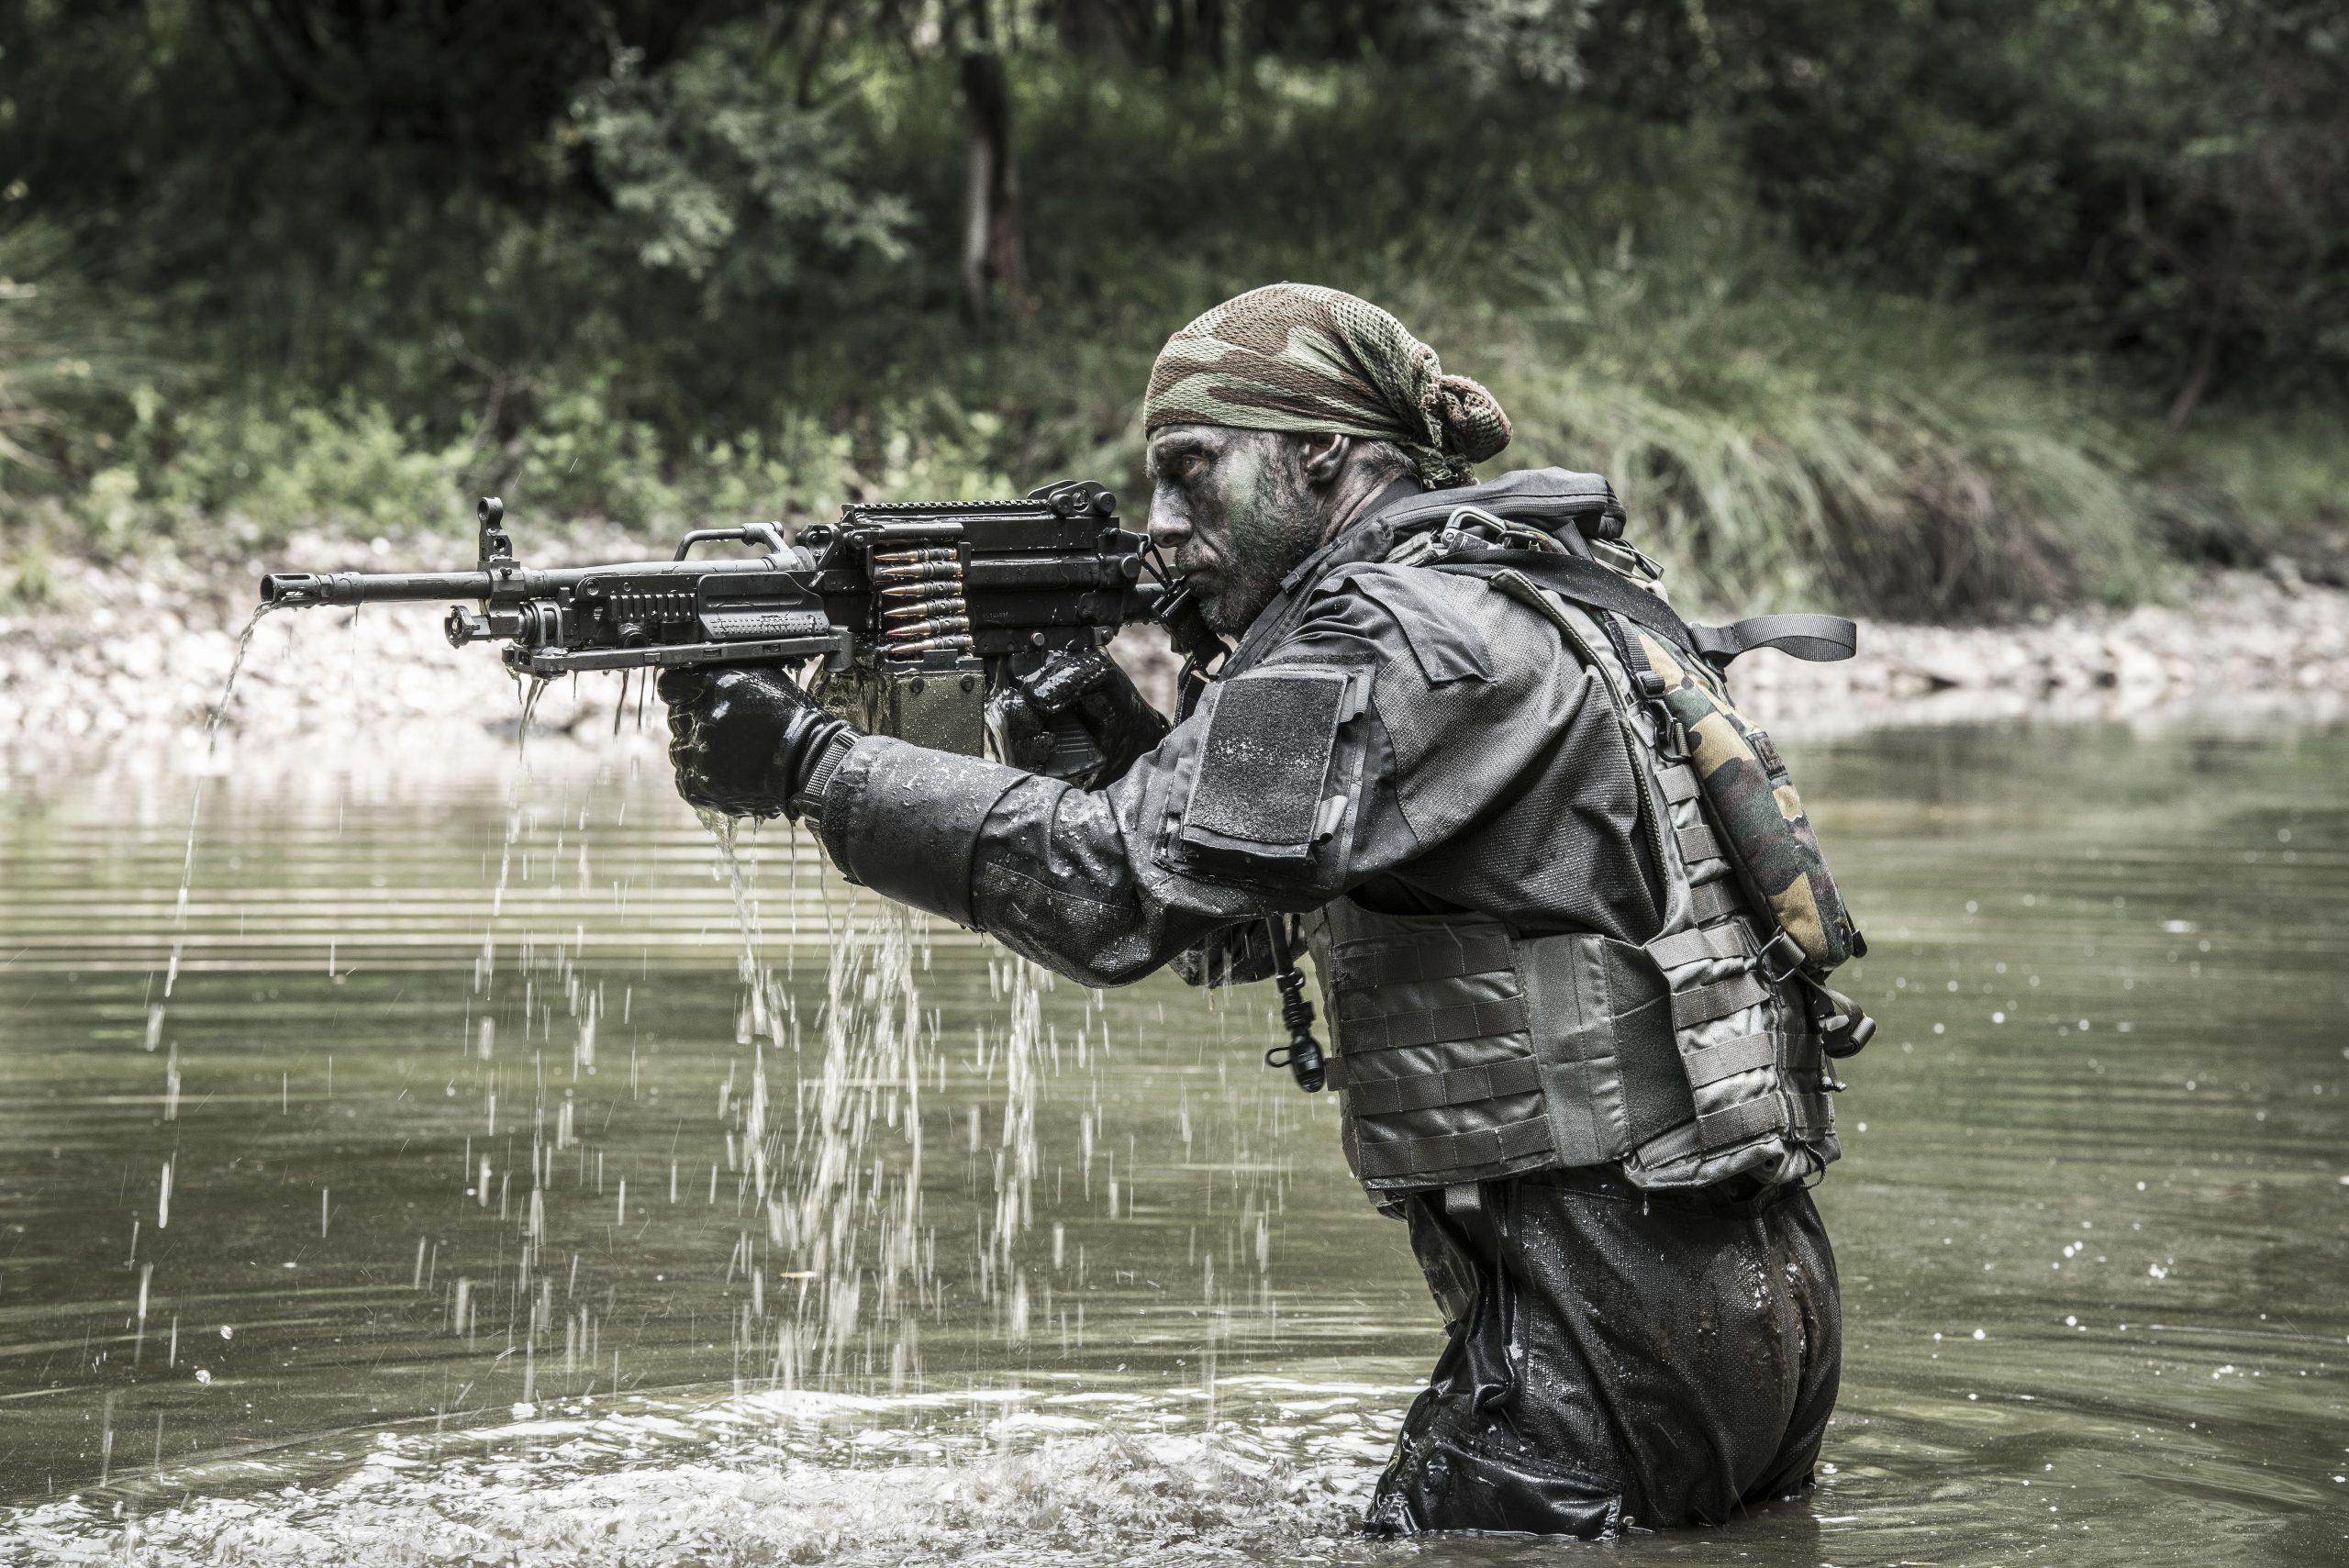 FN® MINIMI 7.62Mk3 Tactical